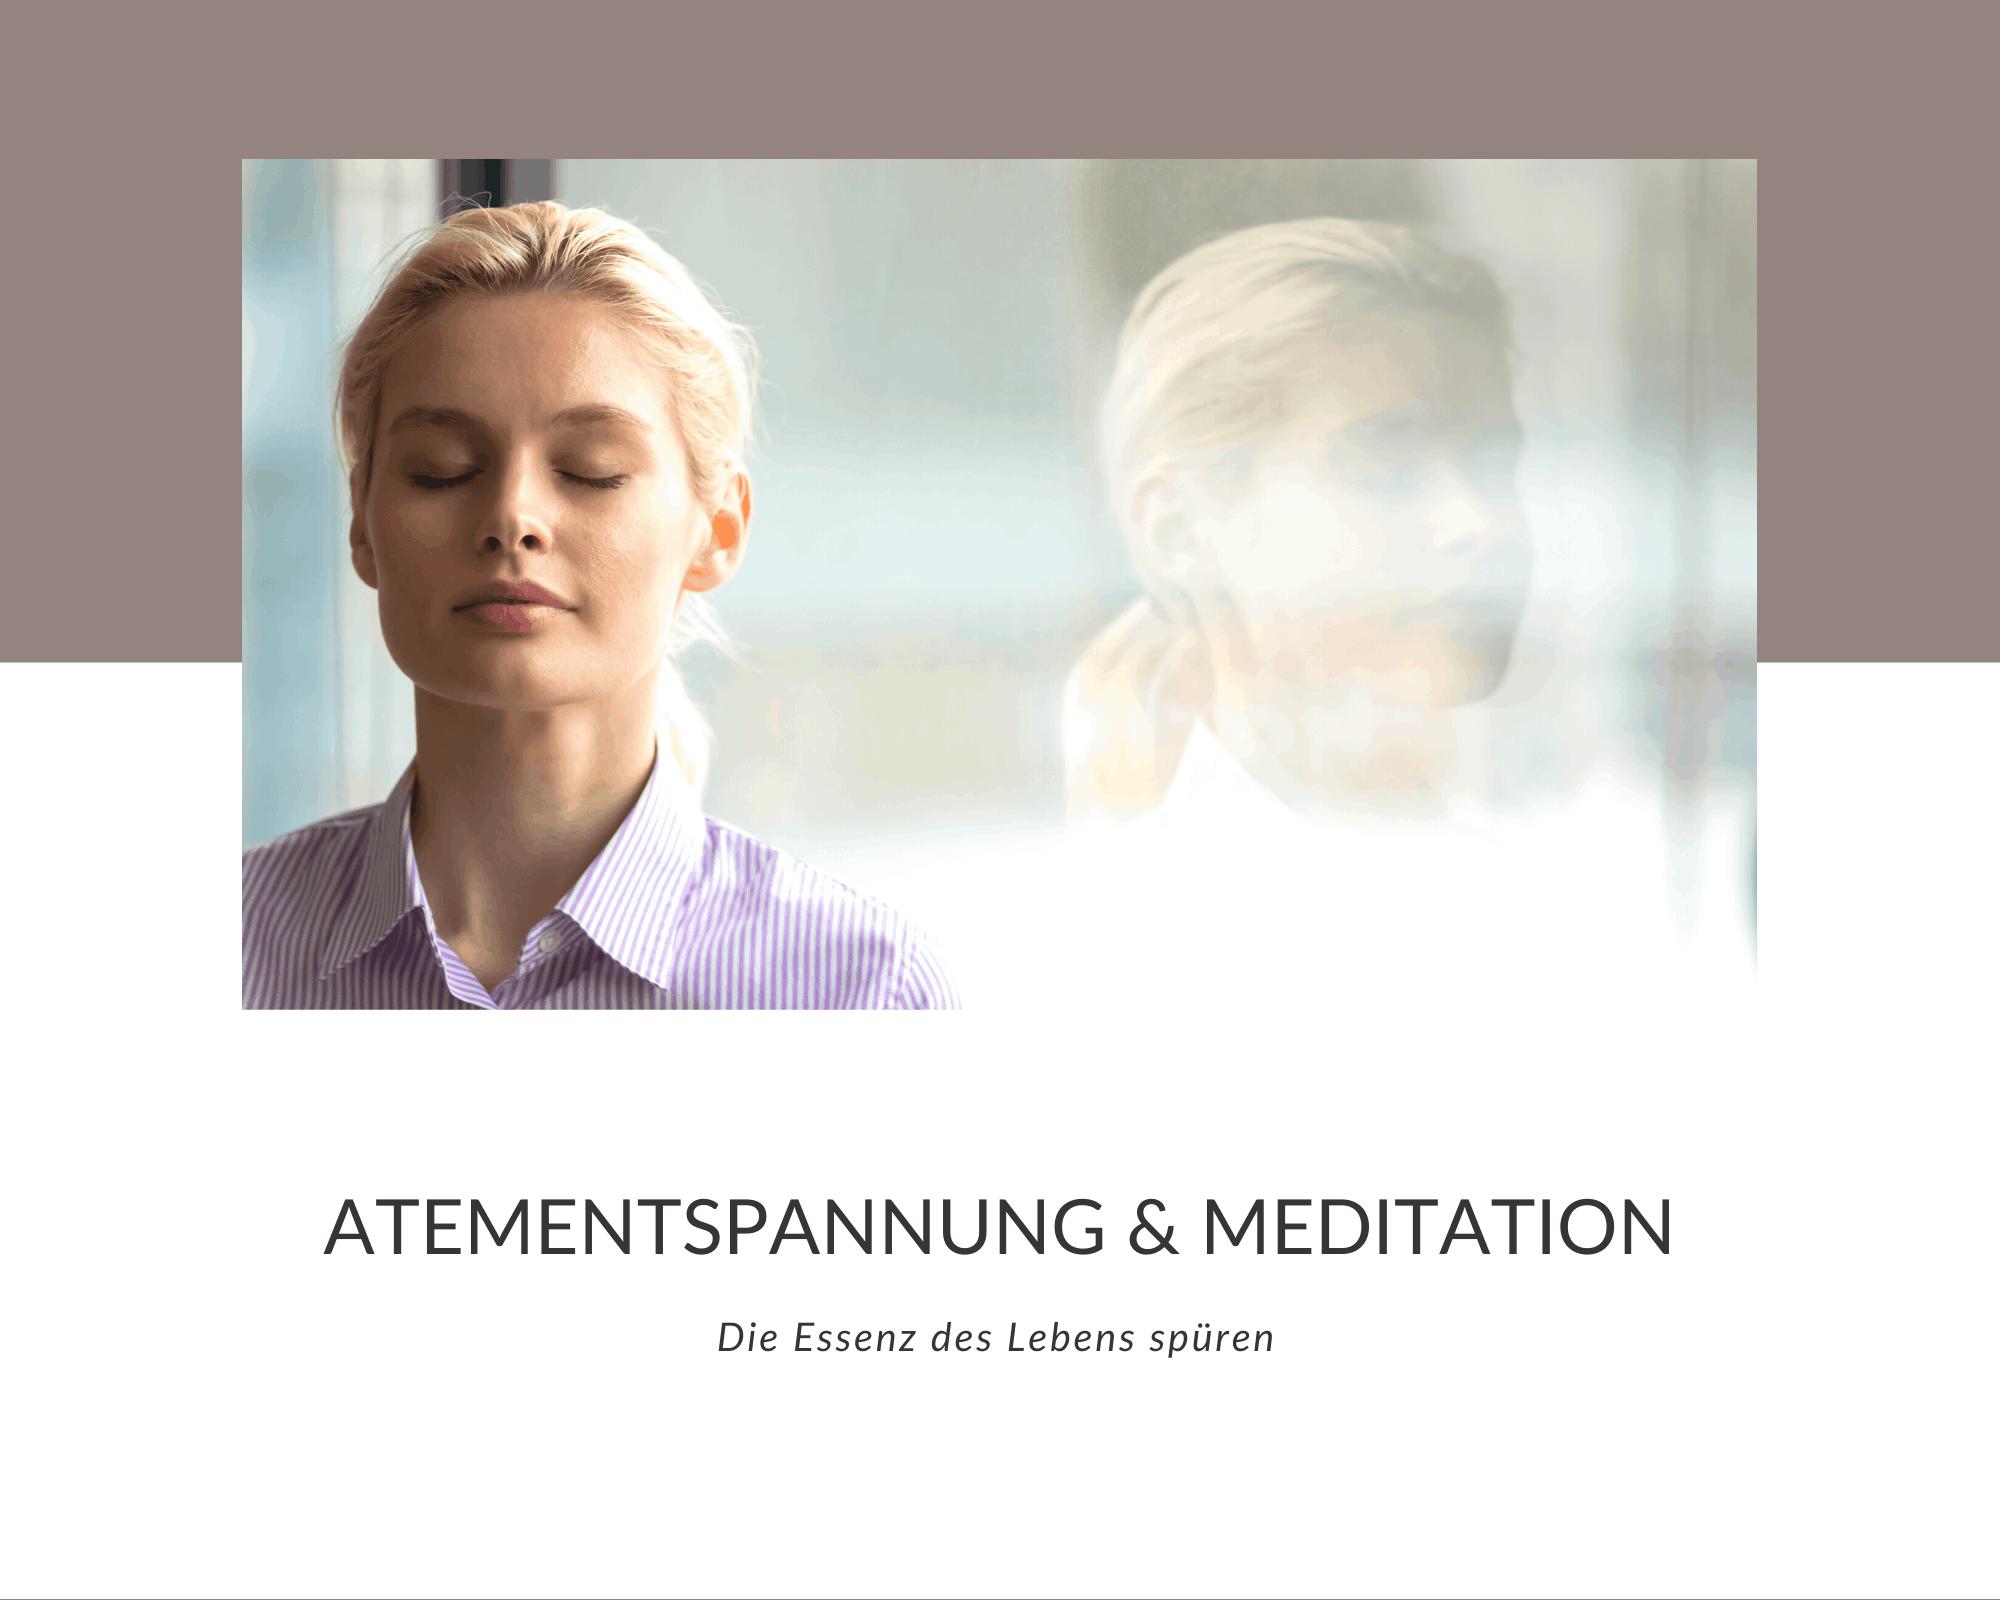 Atementspannung und Meditation